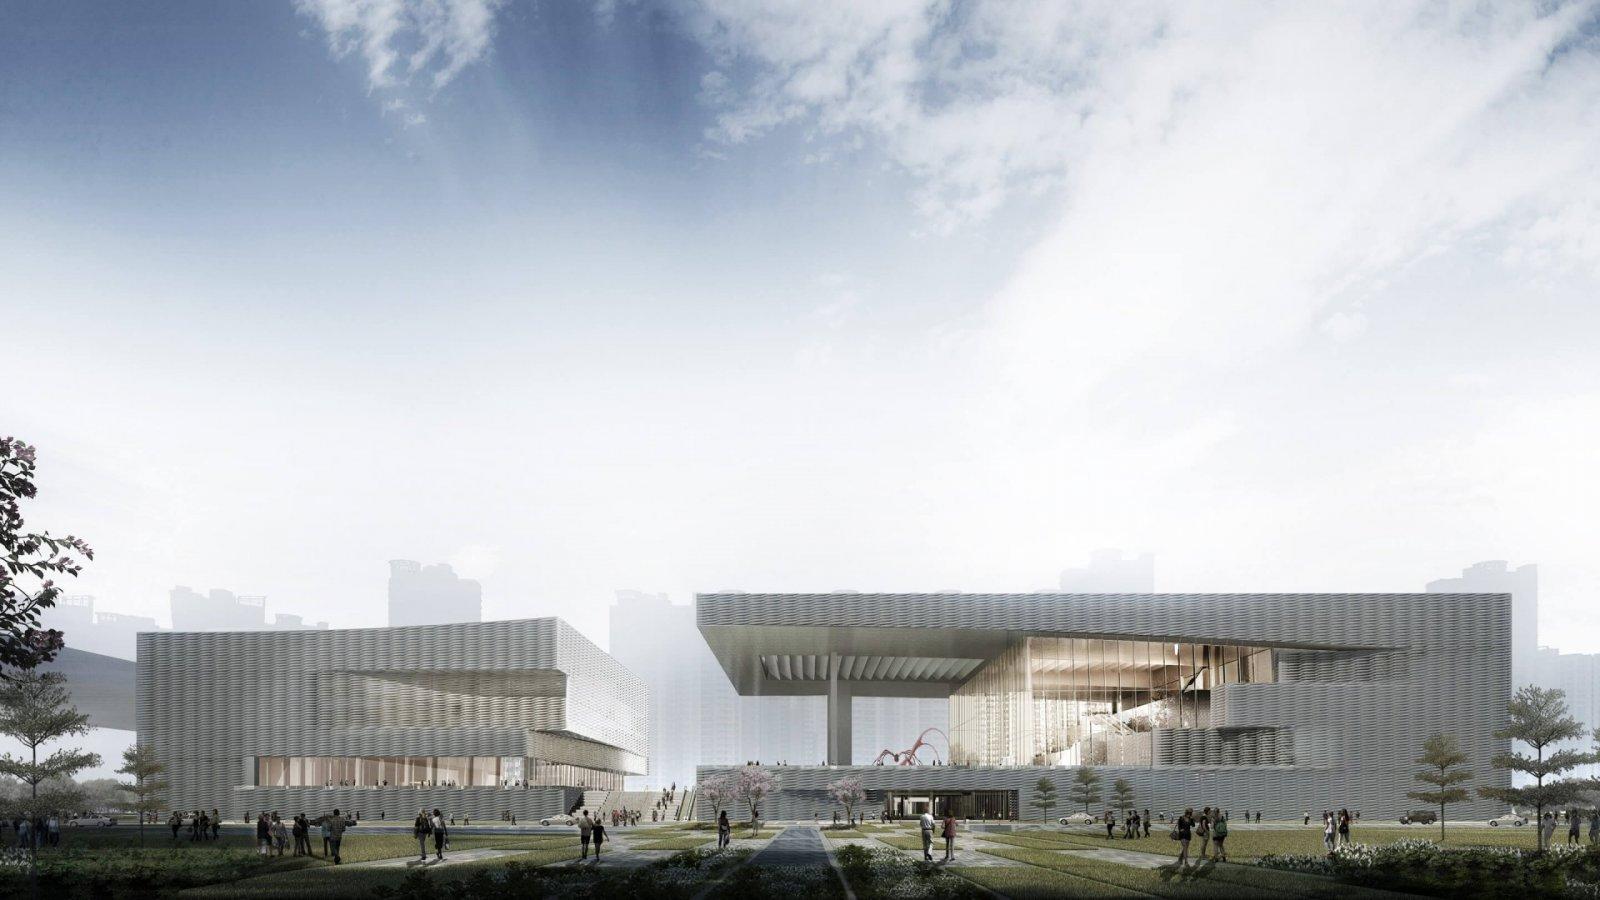 Shenzhen Art Museum